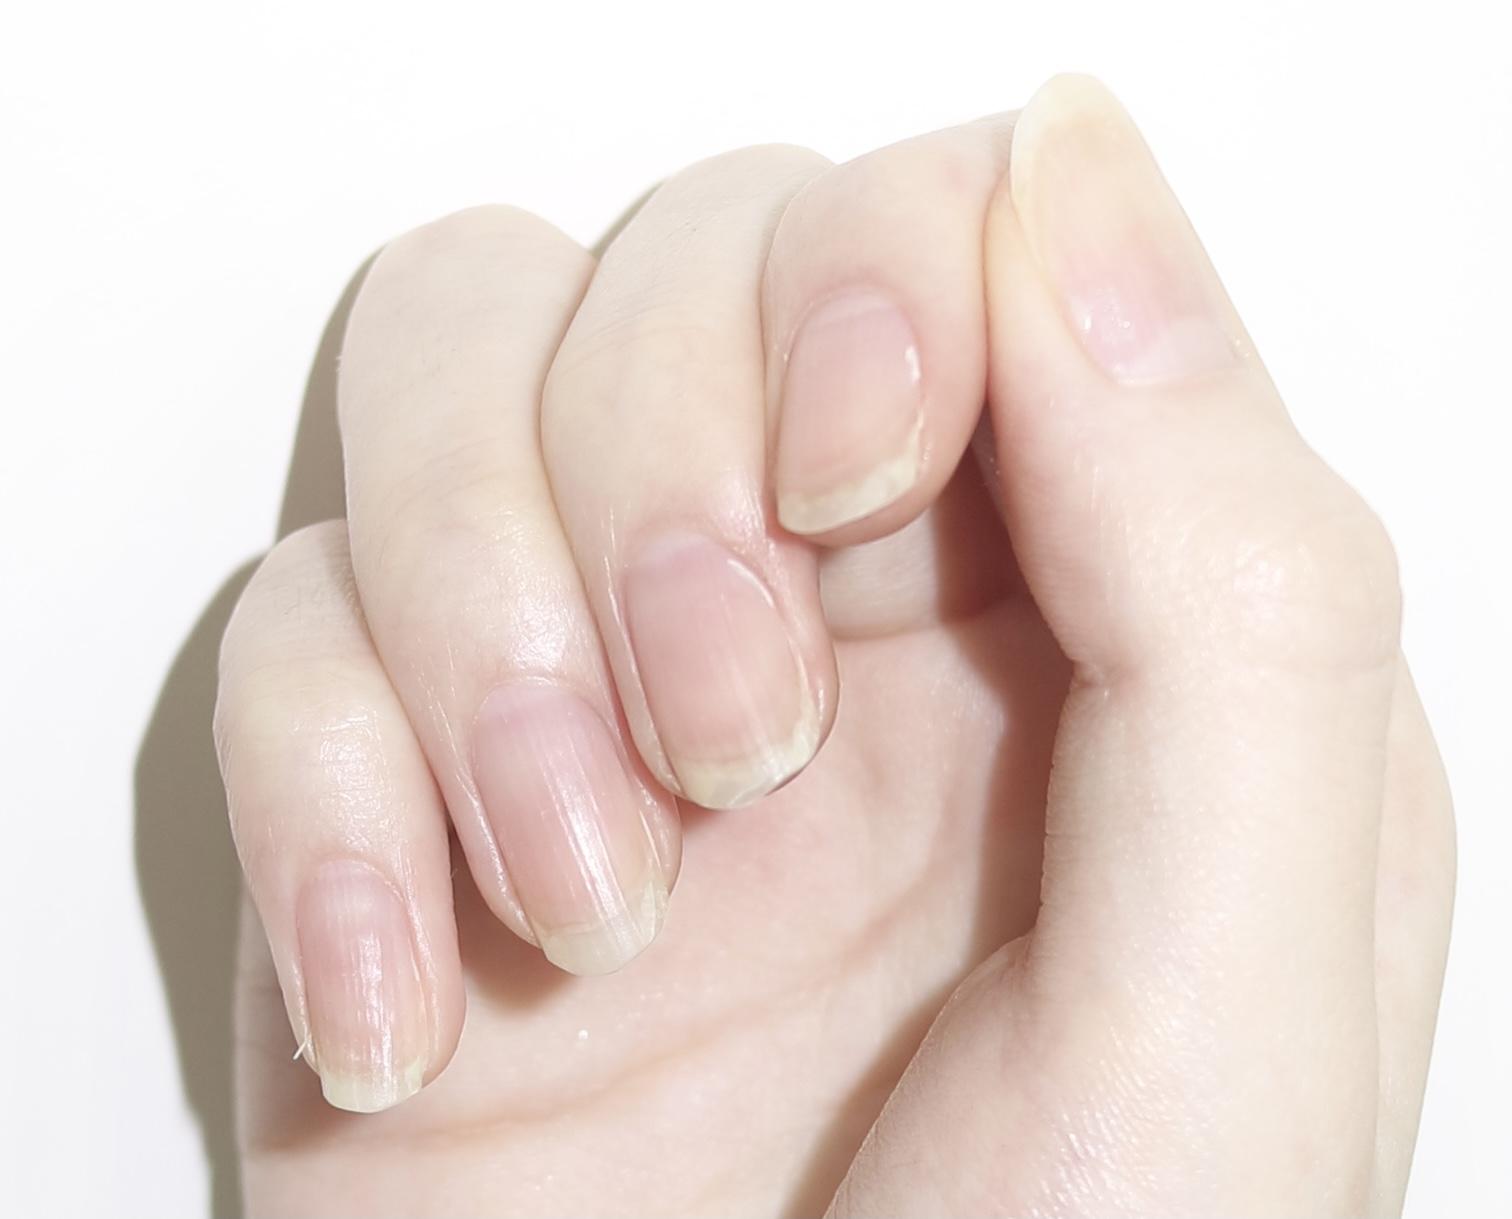 入る 爪 線 に 黒い が 爪の縦線が子供にできた!どうすれば治るの!?